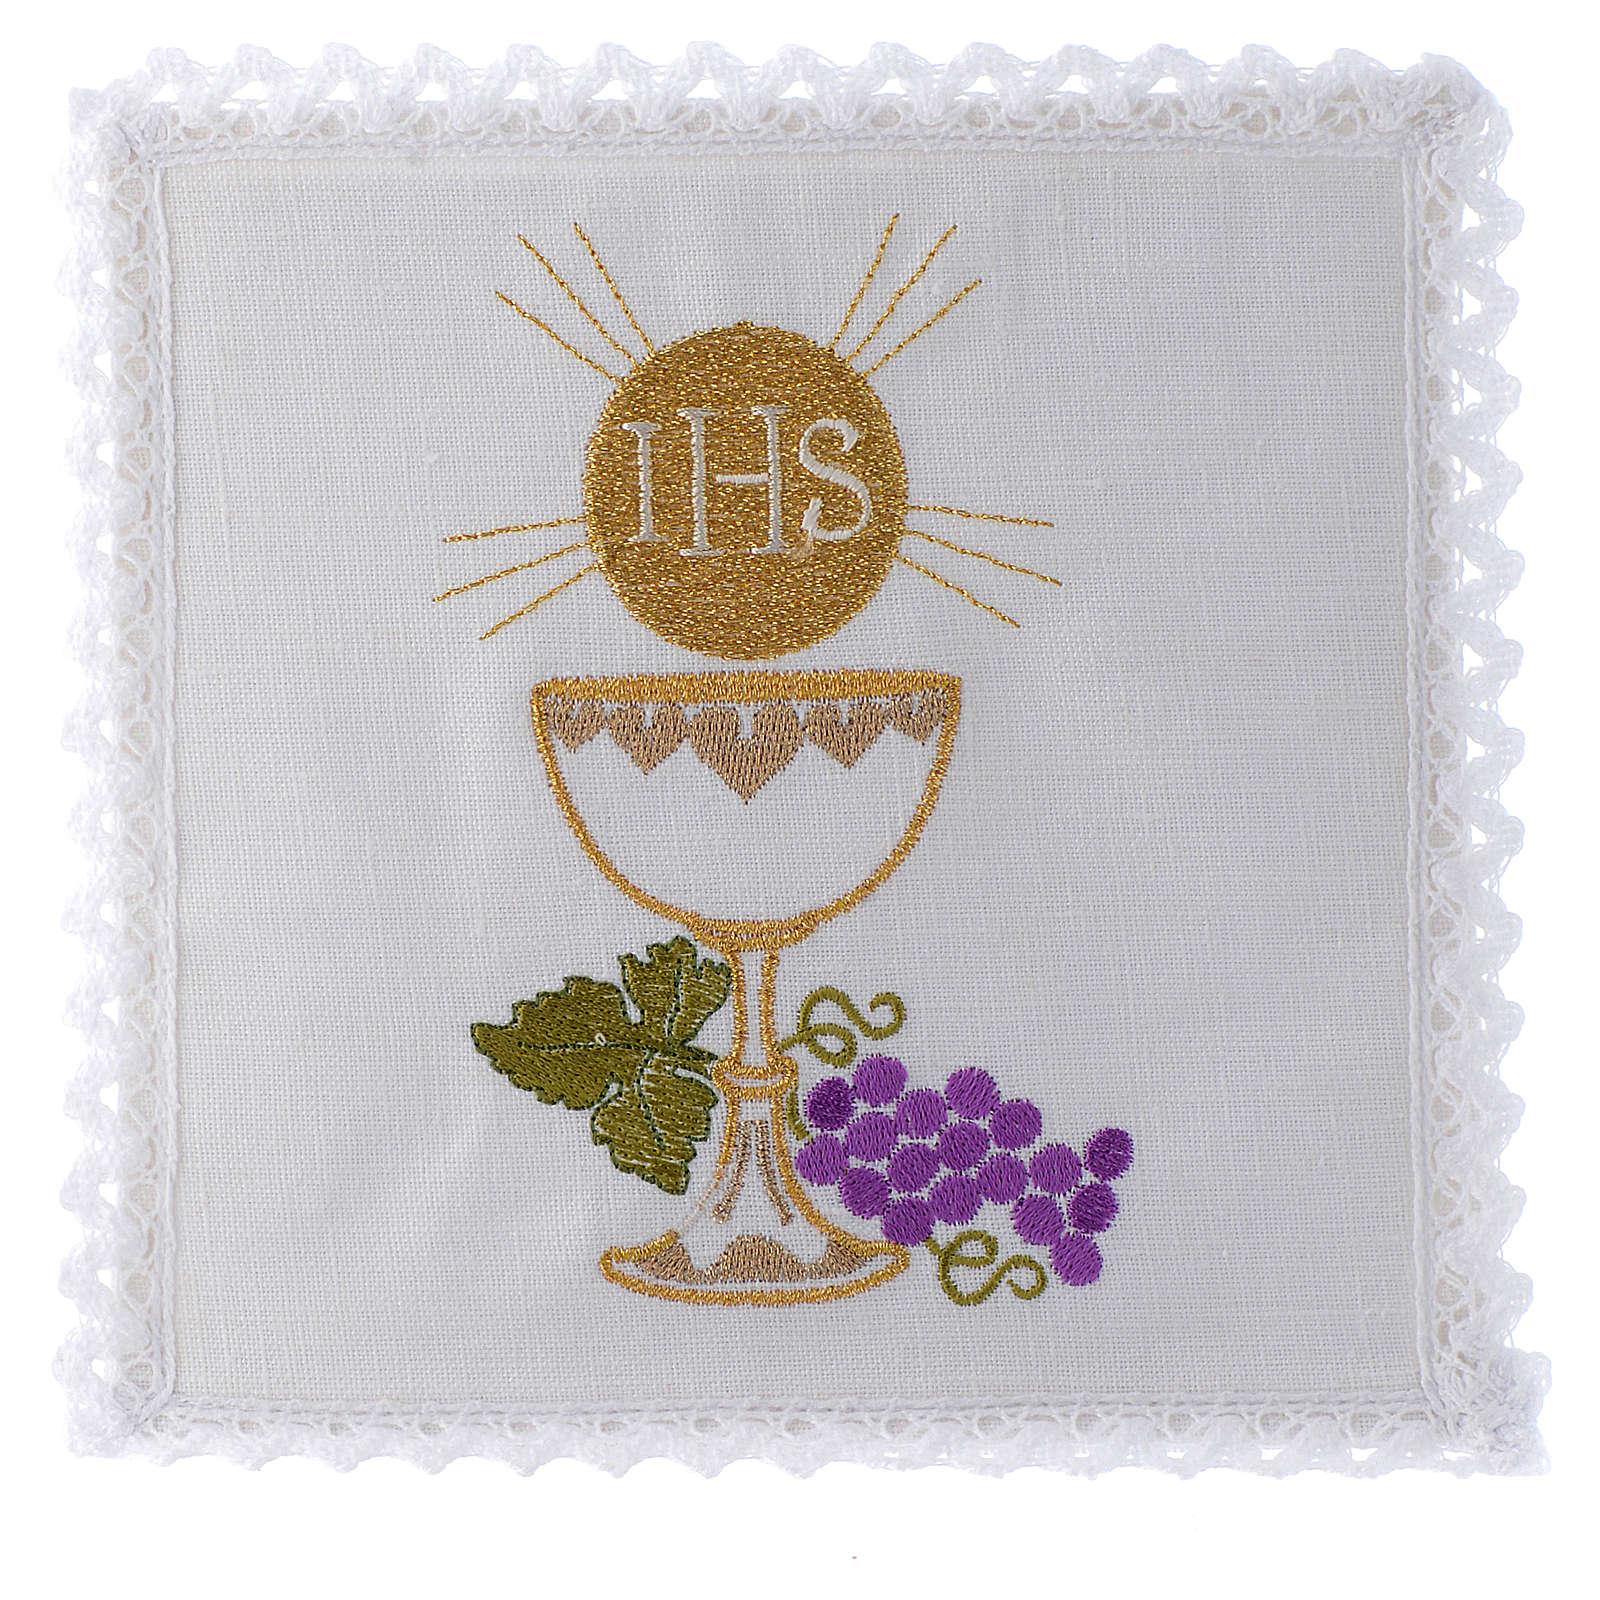 Servizio da altare 100% lino calice ostia uva 4